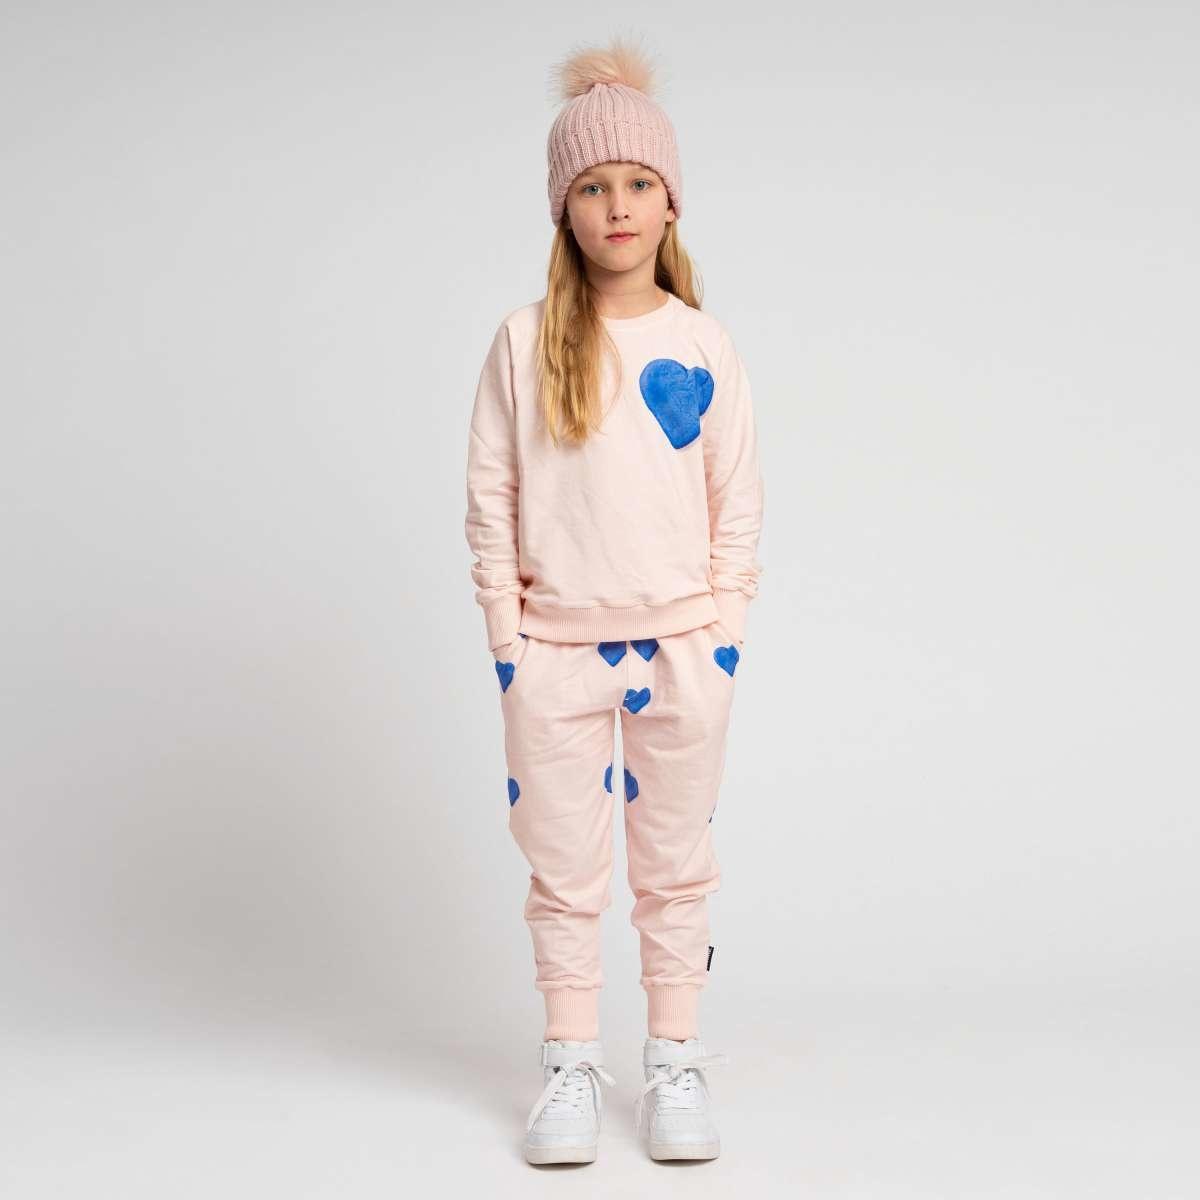 Sweatsuit - Heart -2 pc. - Sz 7/8-1